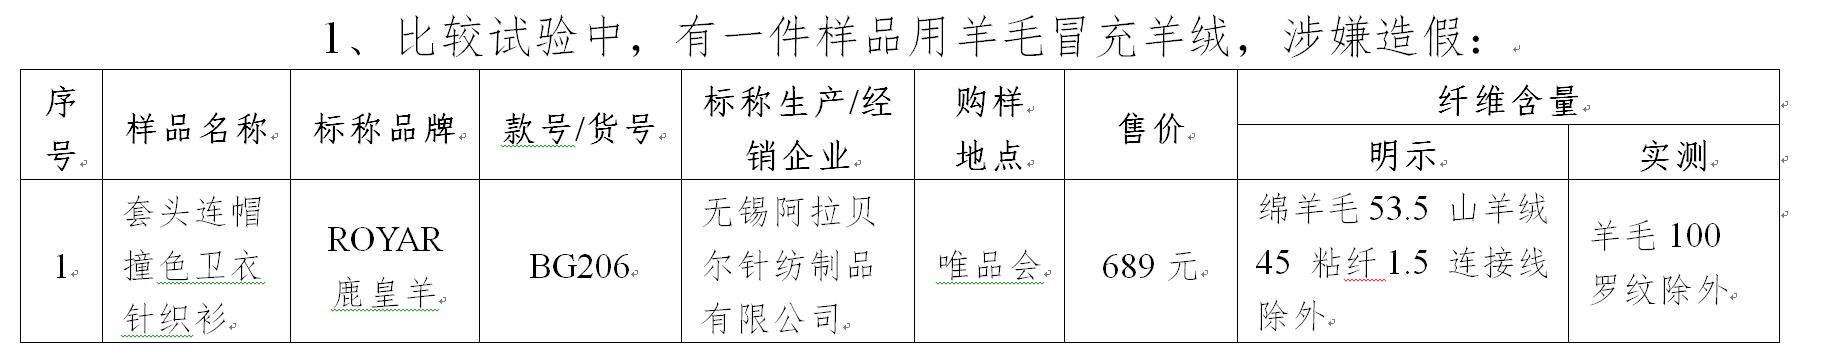 """北京消协抽检羊绒衫 7000元""""高档货""""也""""翻车""""图片"""